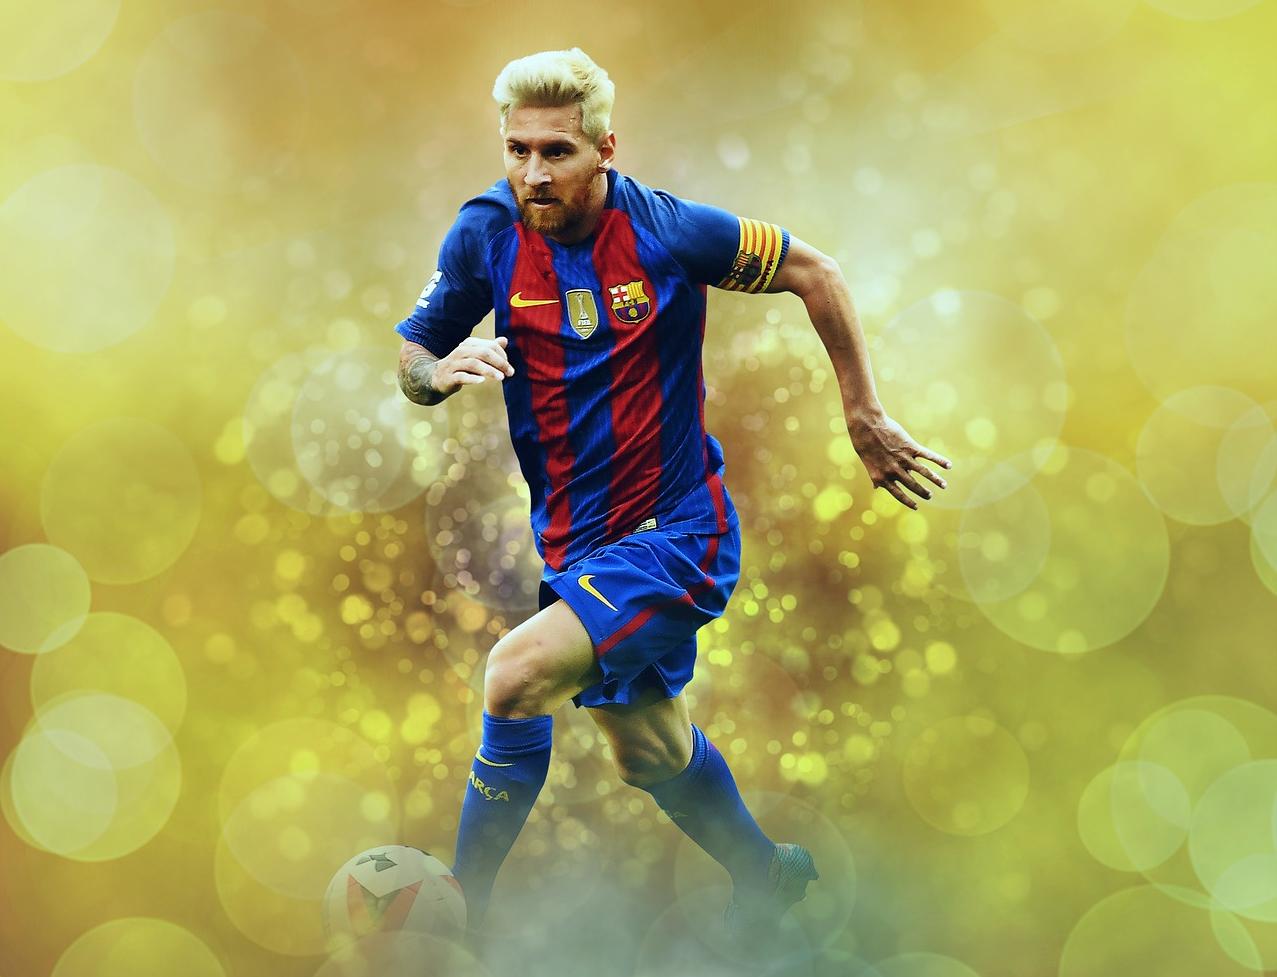 Barca hofft auf Rückkehr der Geschichte in der Welt des Fußballs zu machen